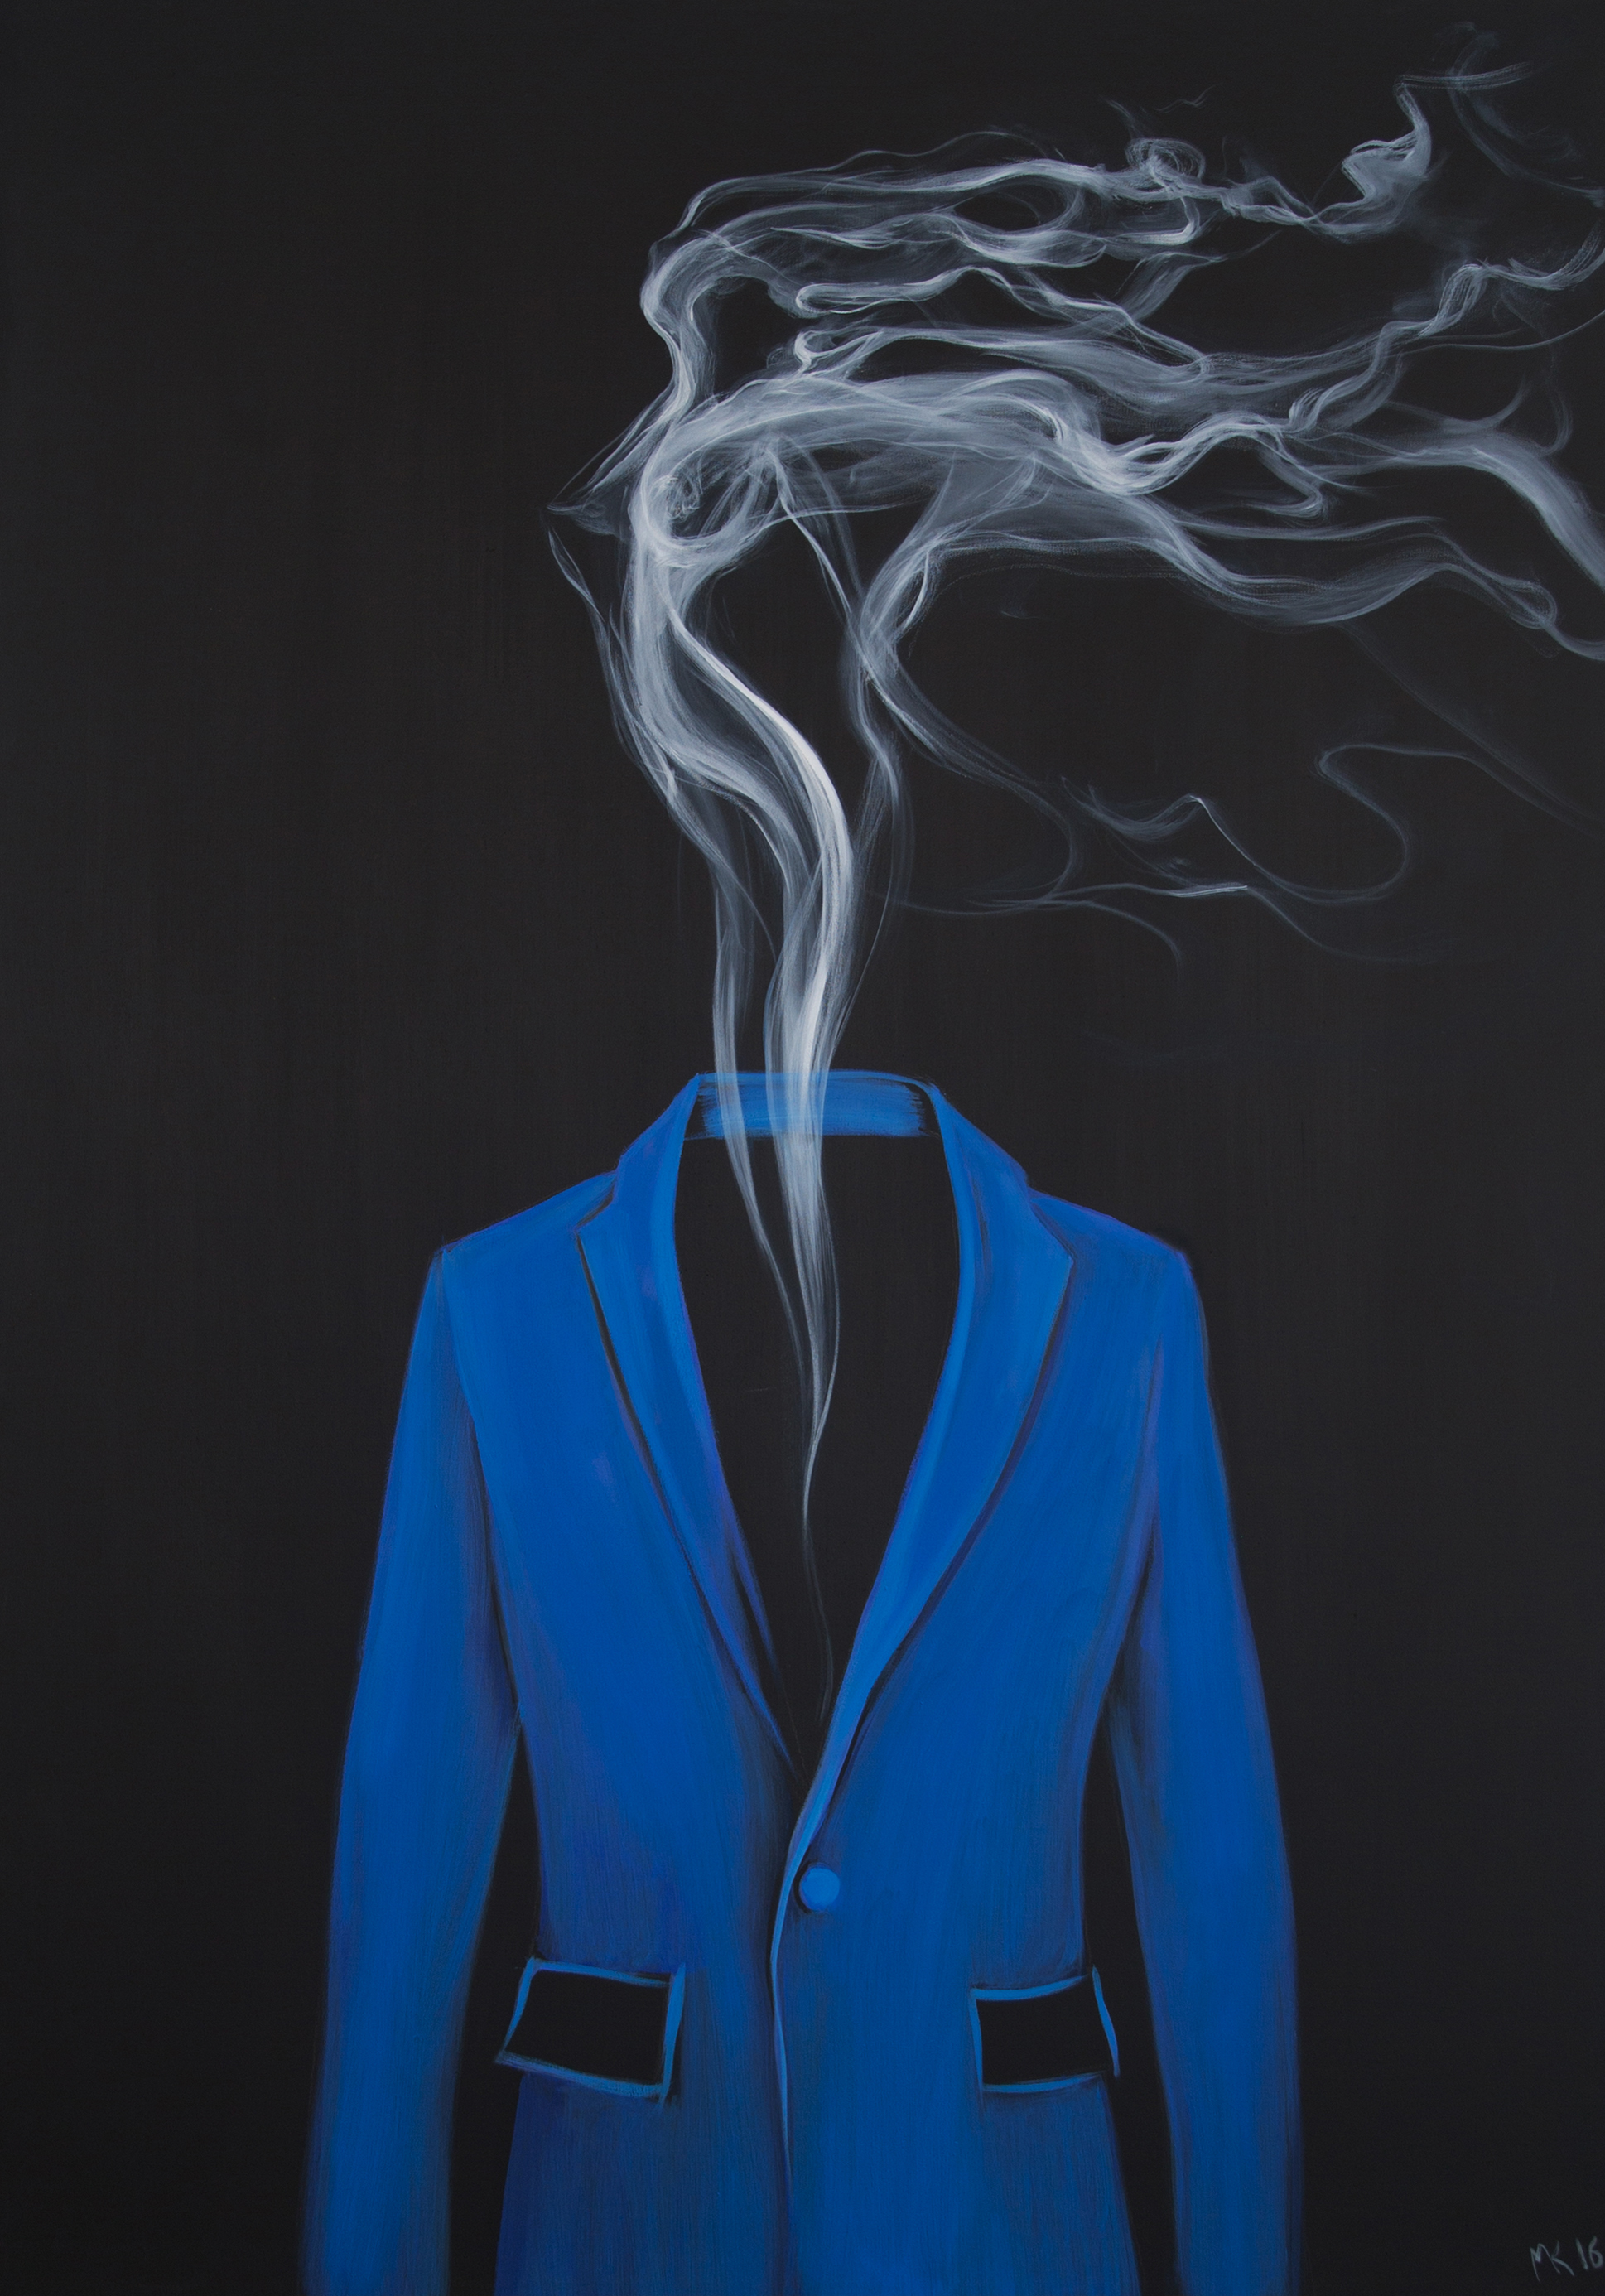 Blue - smoke, Mher Khachatryan